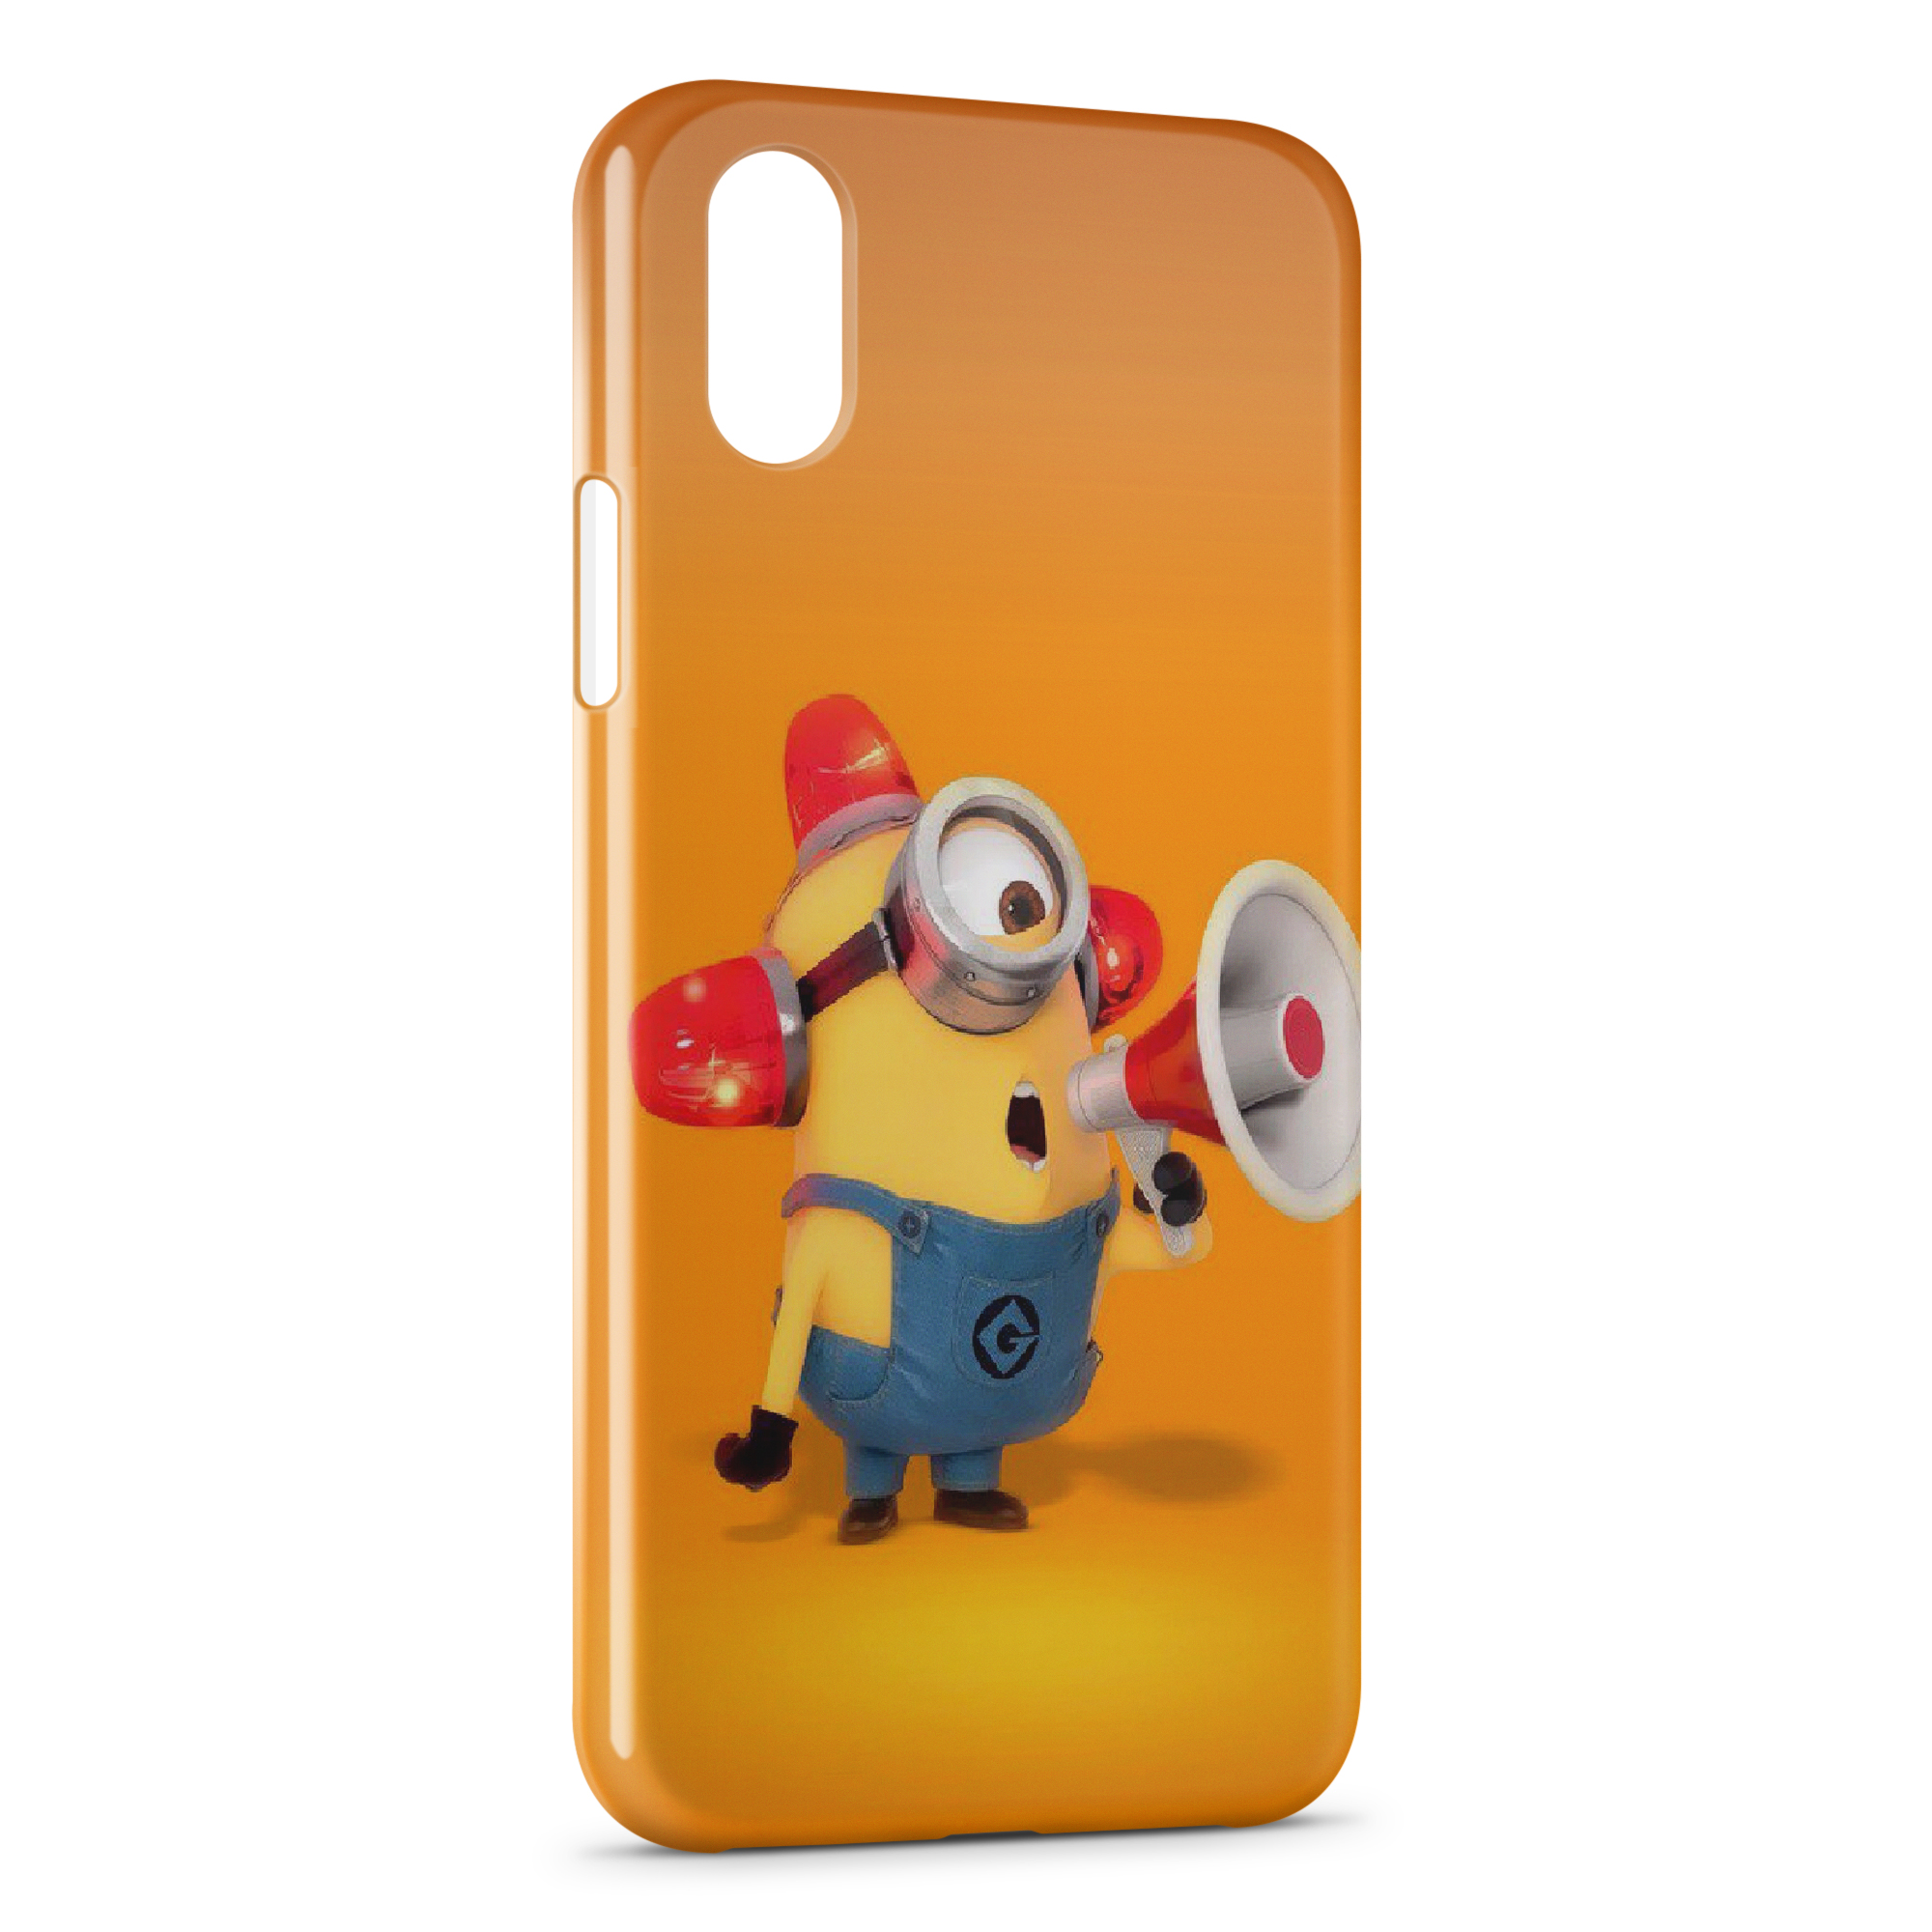 coque iphone xr minion